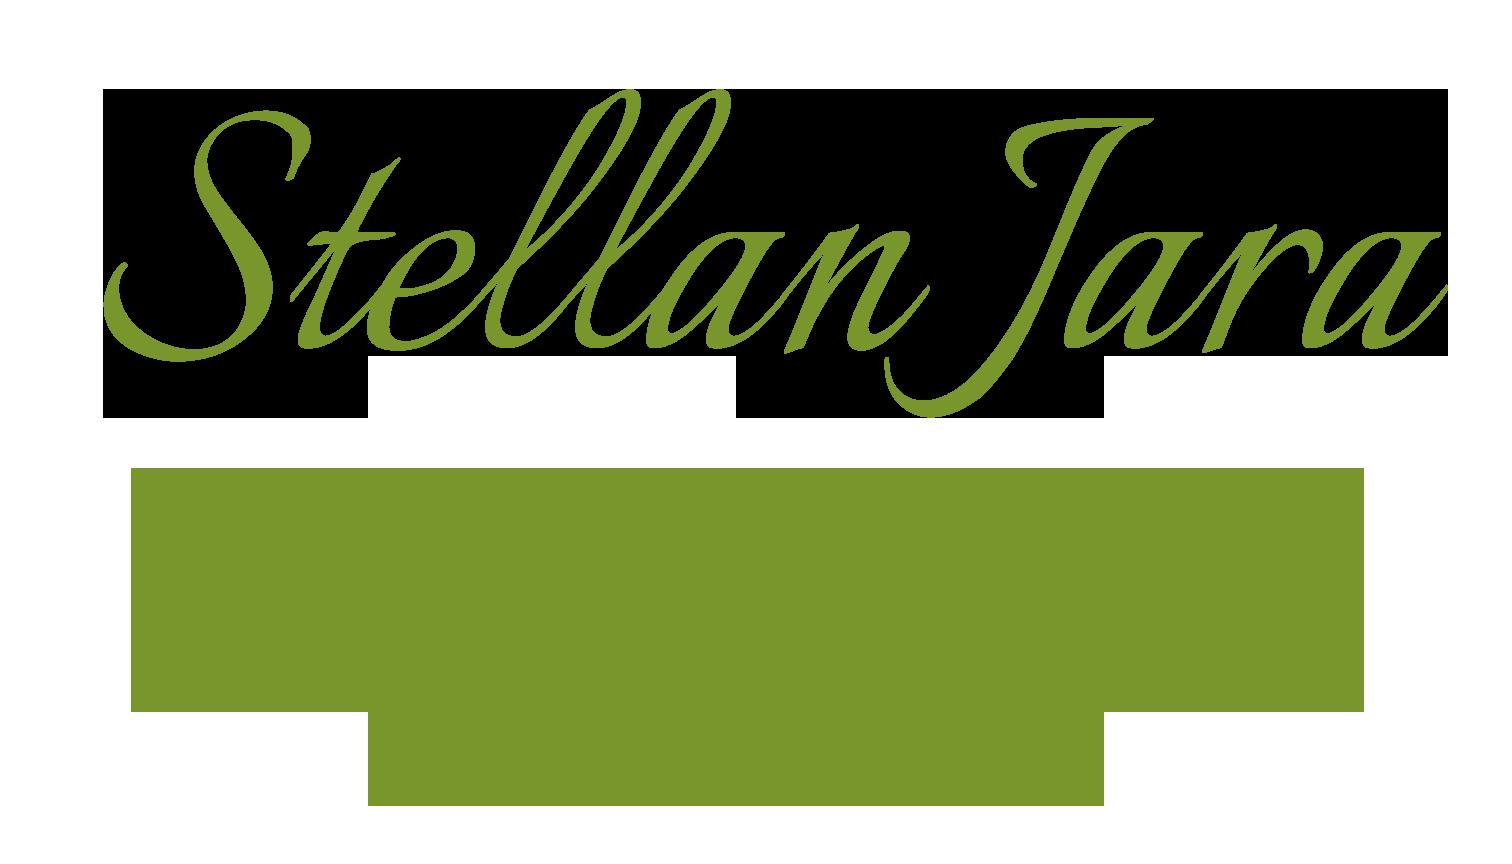 stellan jara logo